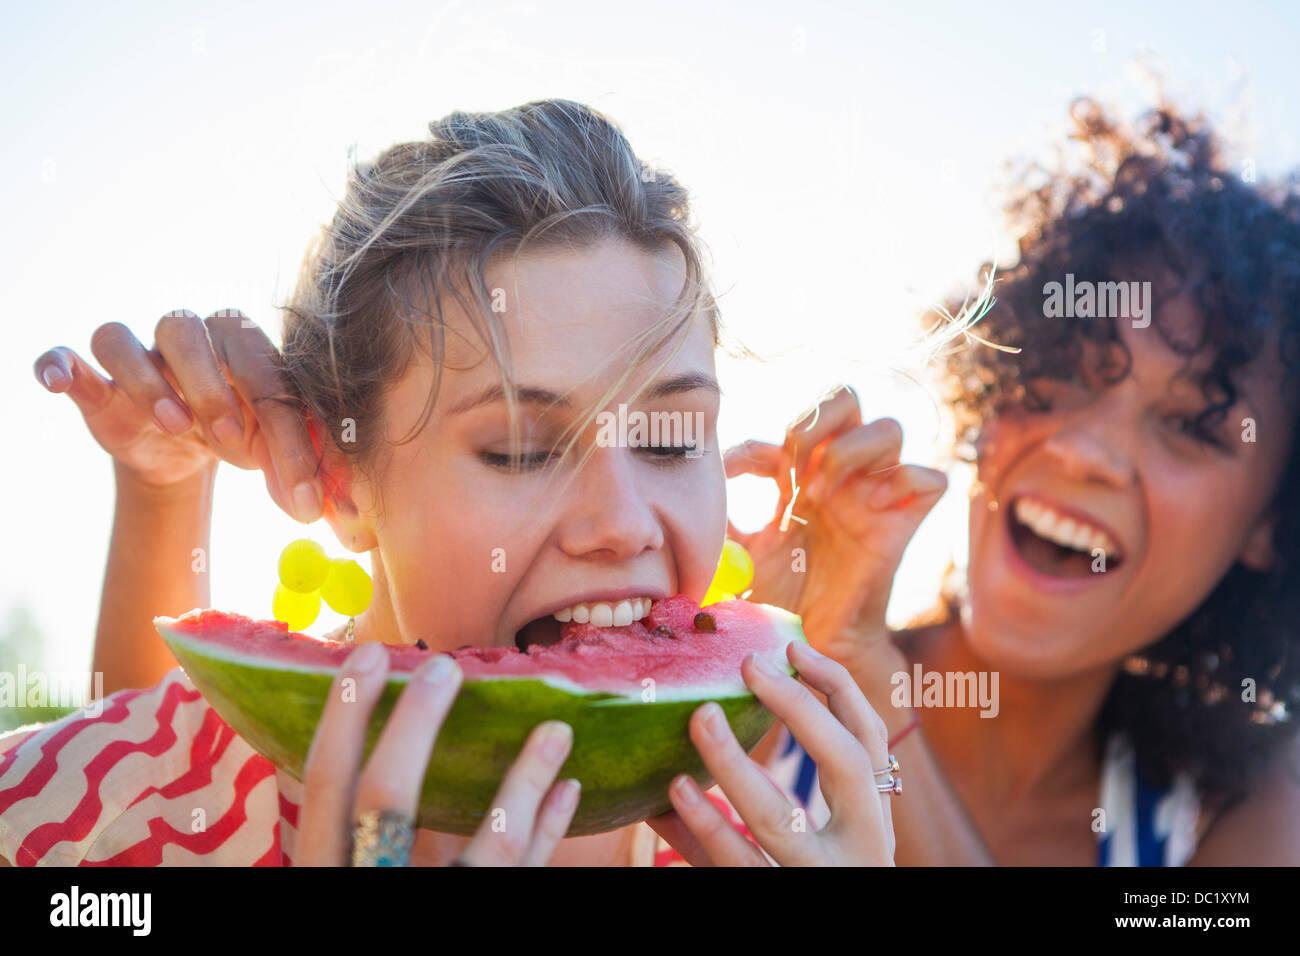 Joven Comiendo Sandía como amigo tira de las orejas. Imagen De Stock